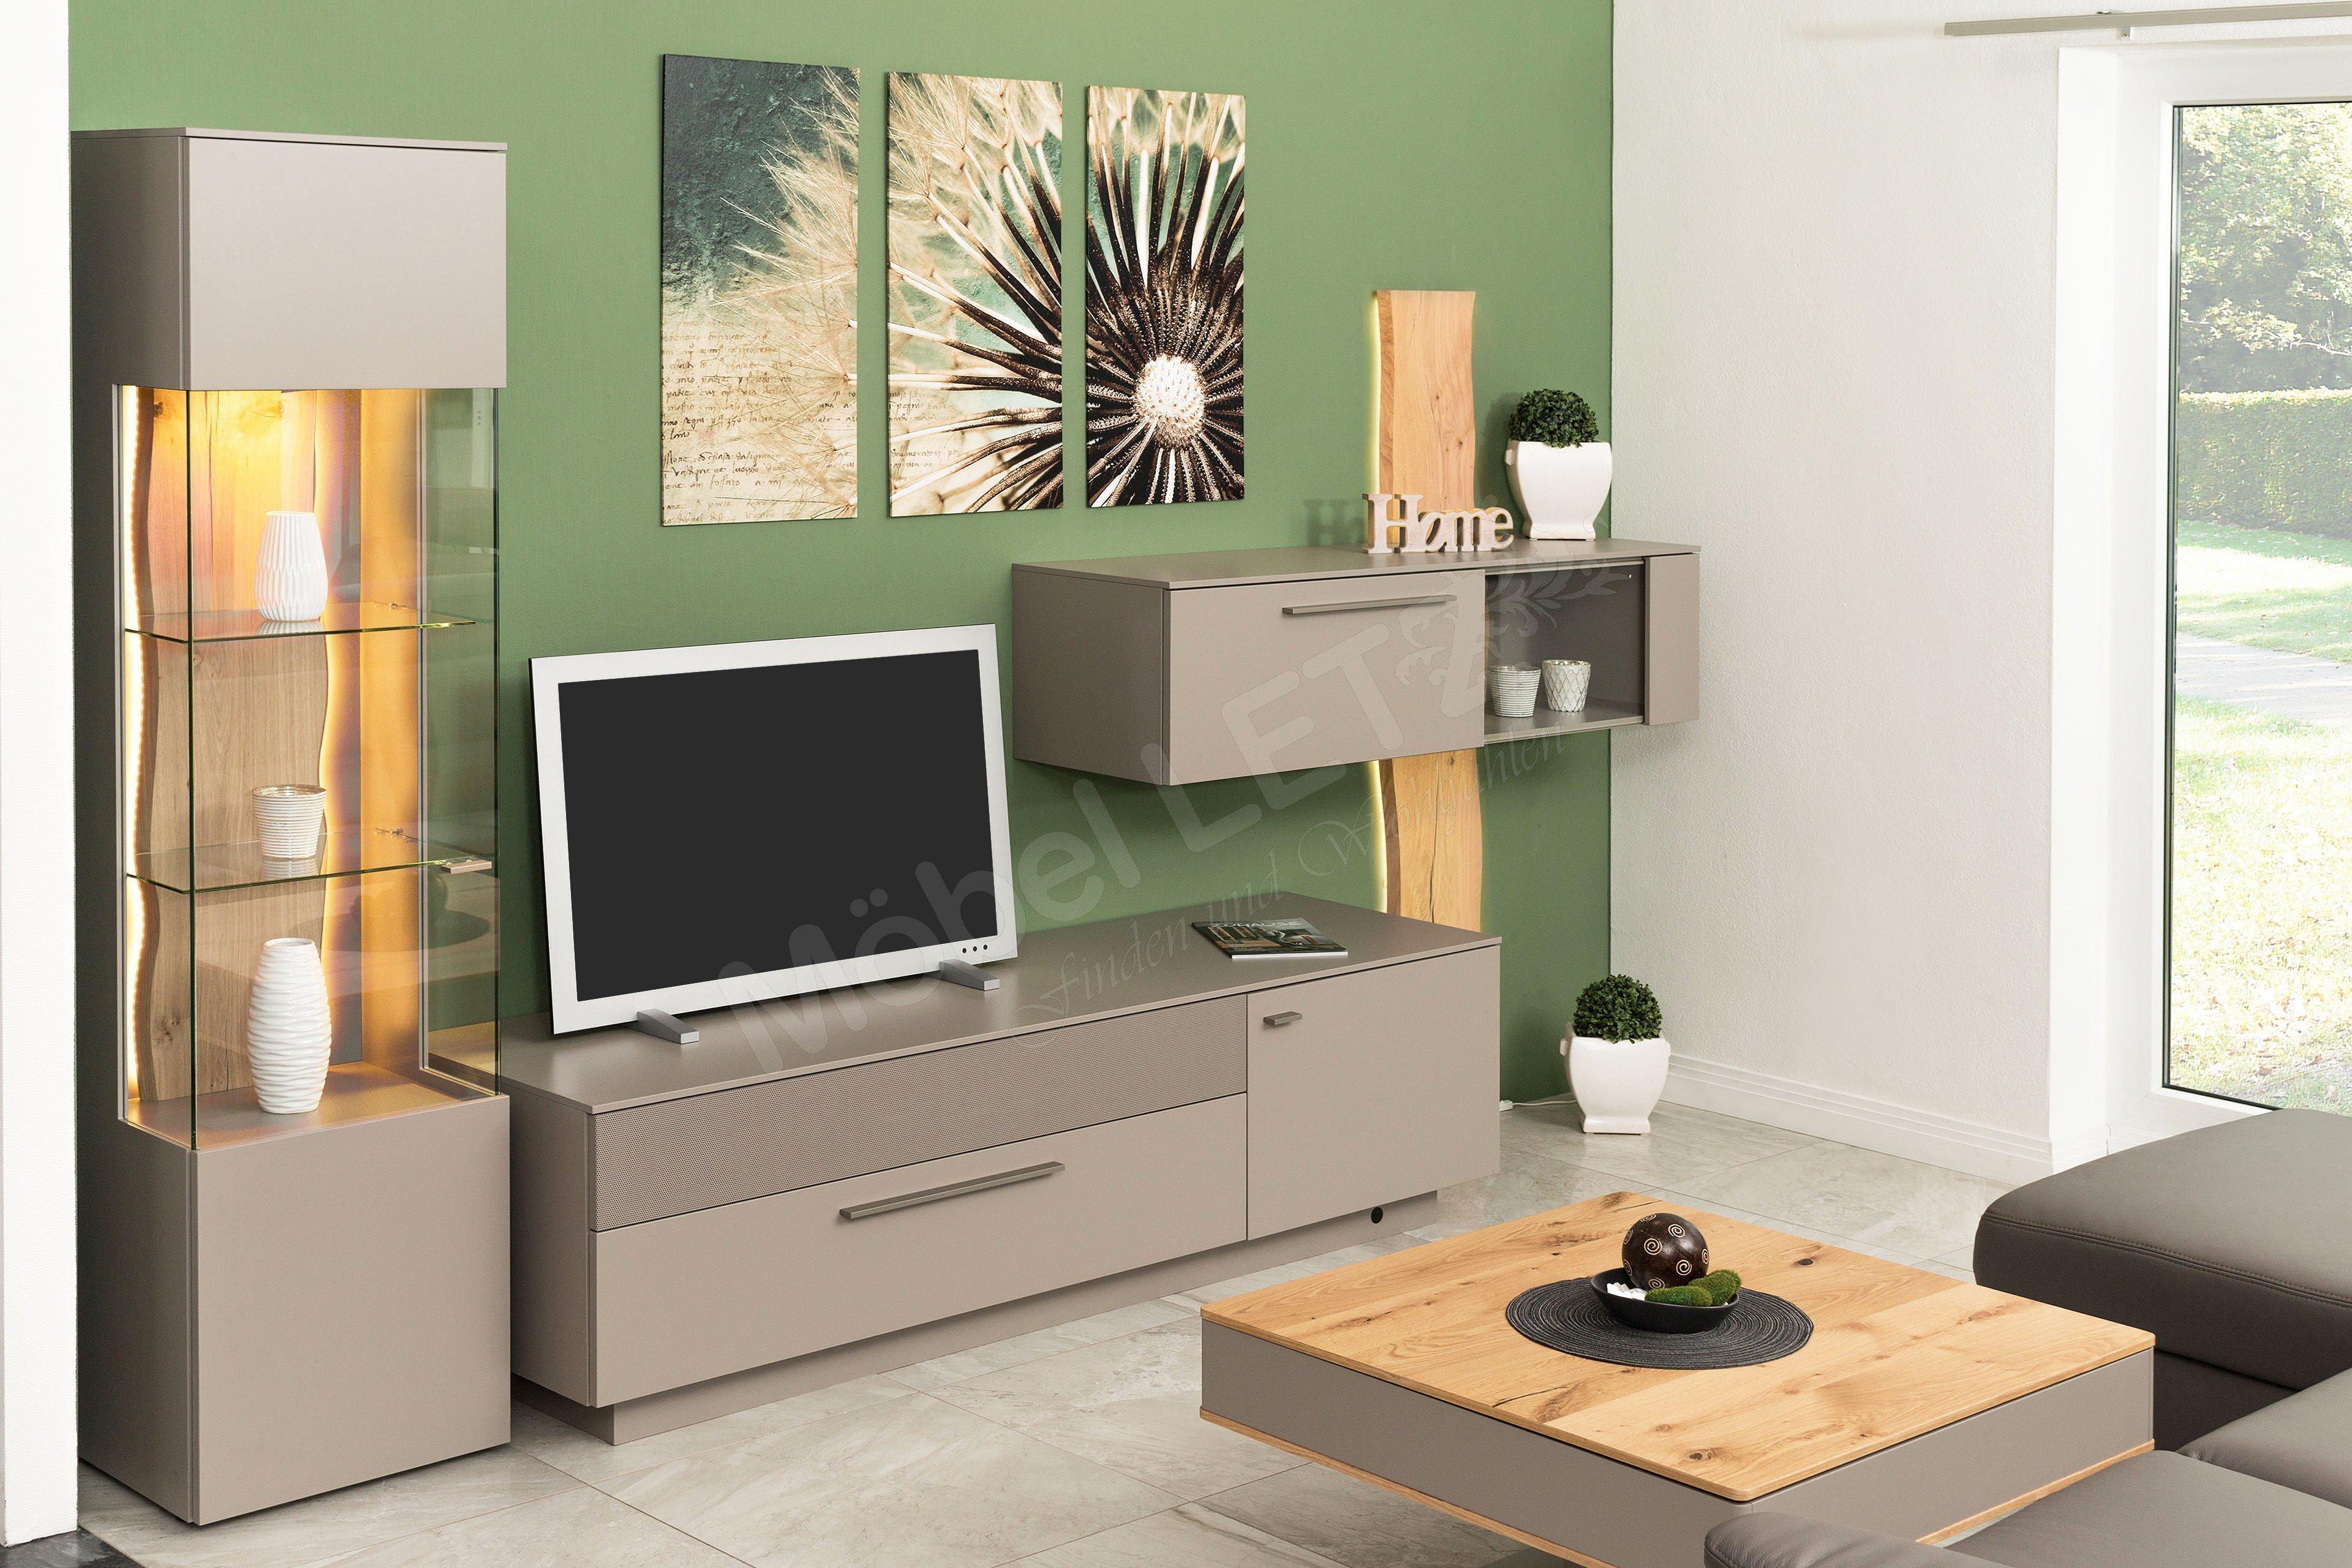 gwinner wohnwand lucca lc6 eiche natur kaschmir m bel letz ihr online shop. Black Bedroom Furniture Sets. Home Design Ideas